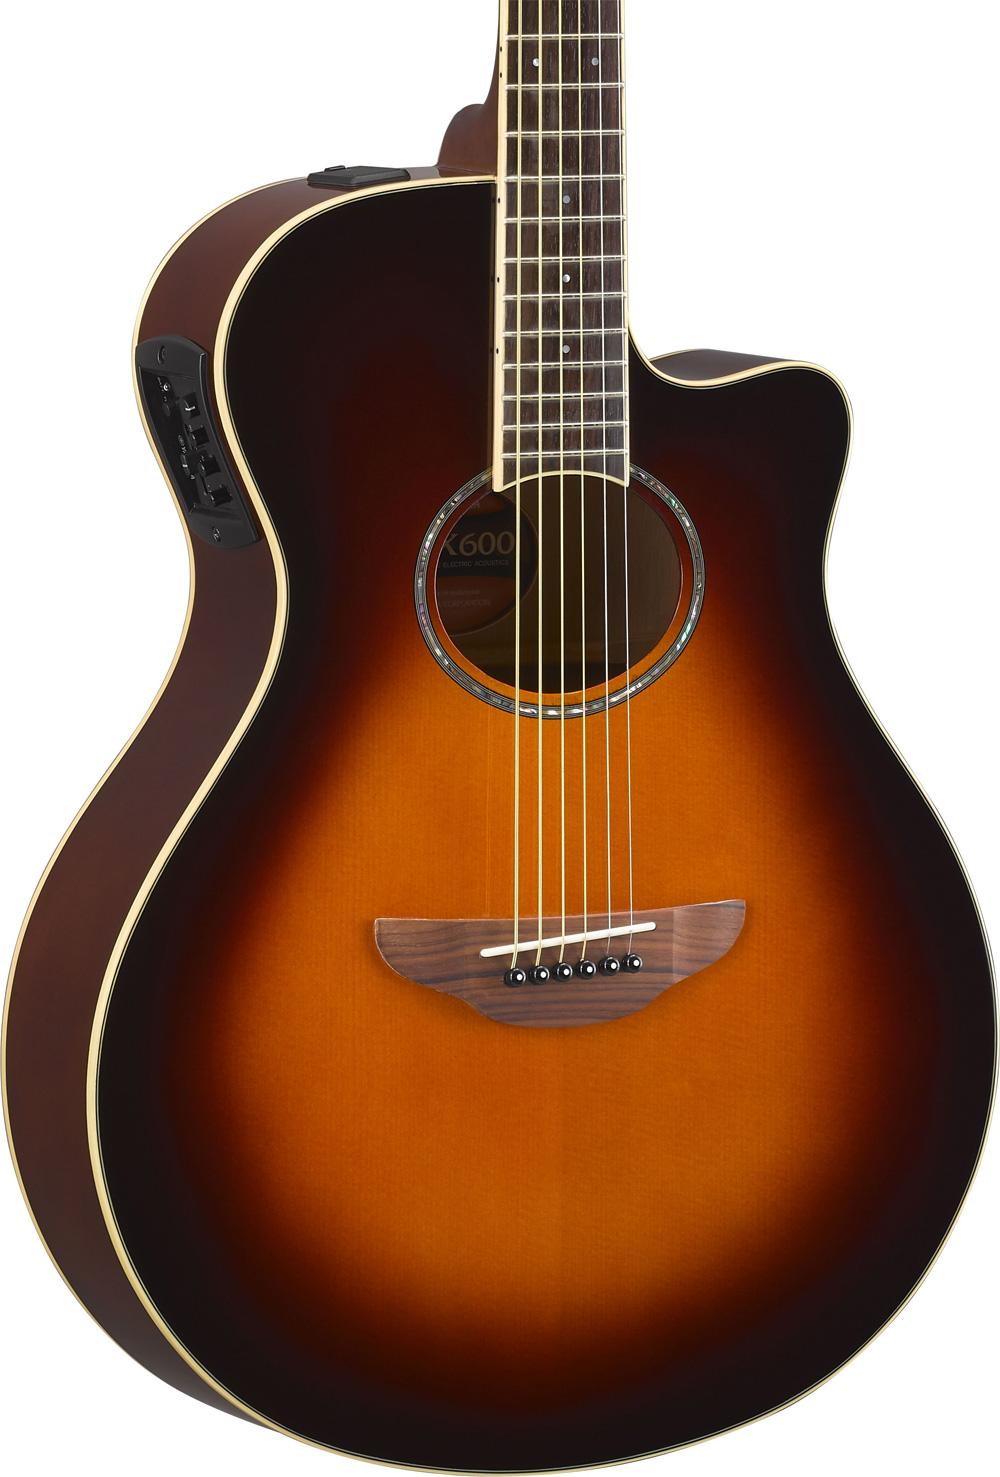 yamaha apx600 ovs elektro akustik gitarre old violin. Black Bedroom Furniture Sets. Home Design Ideas